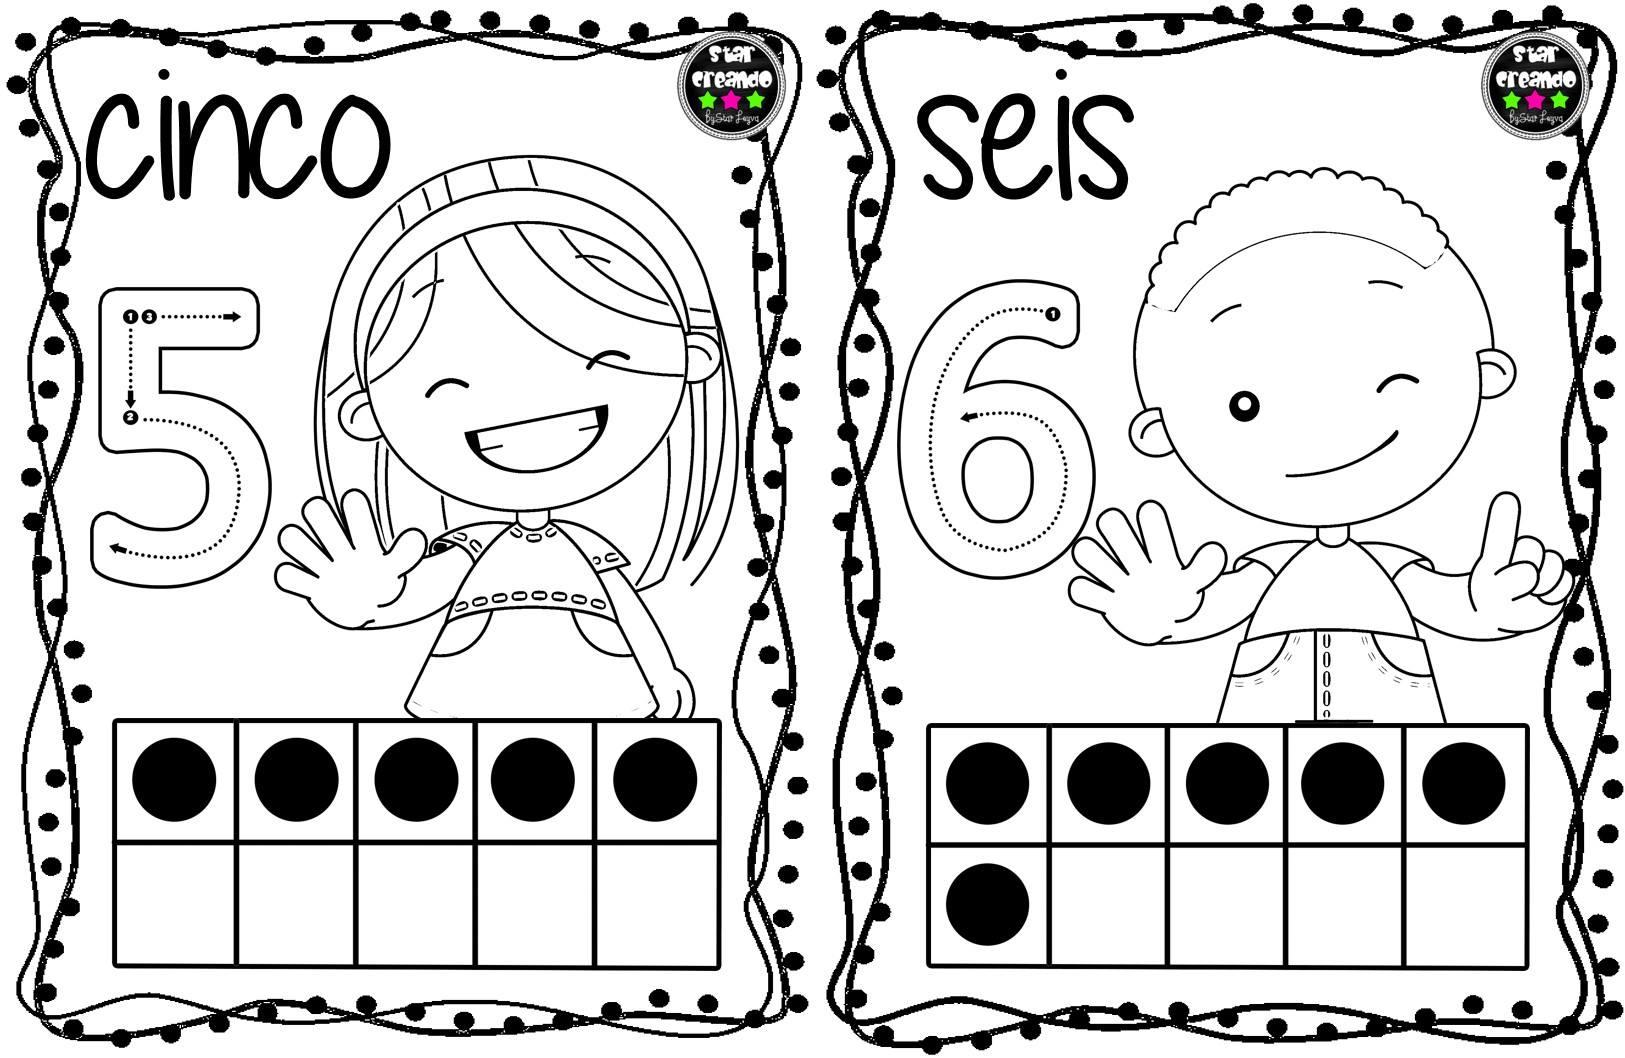 Dibujos Del Numero 7 Para Colorear: Tarjetas Números Para Colorear (4)